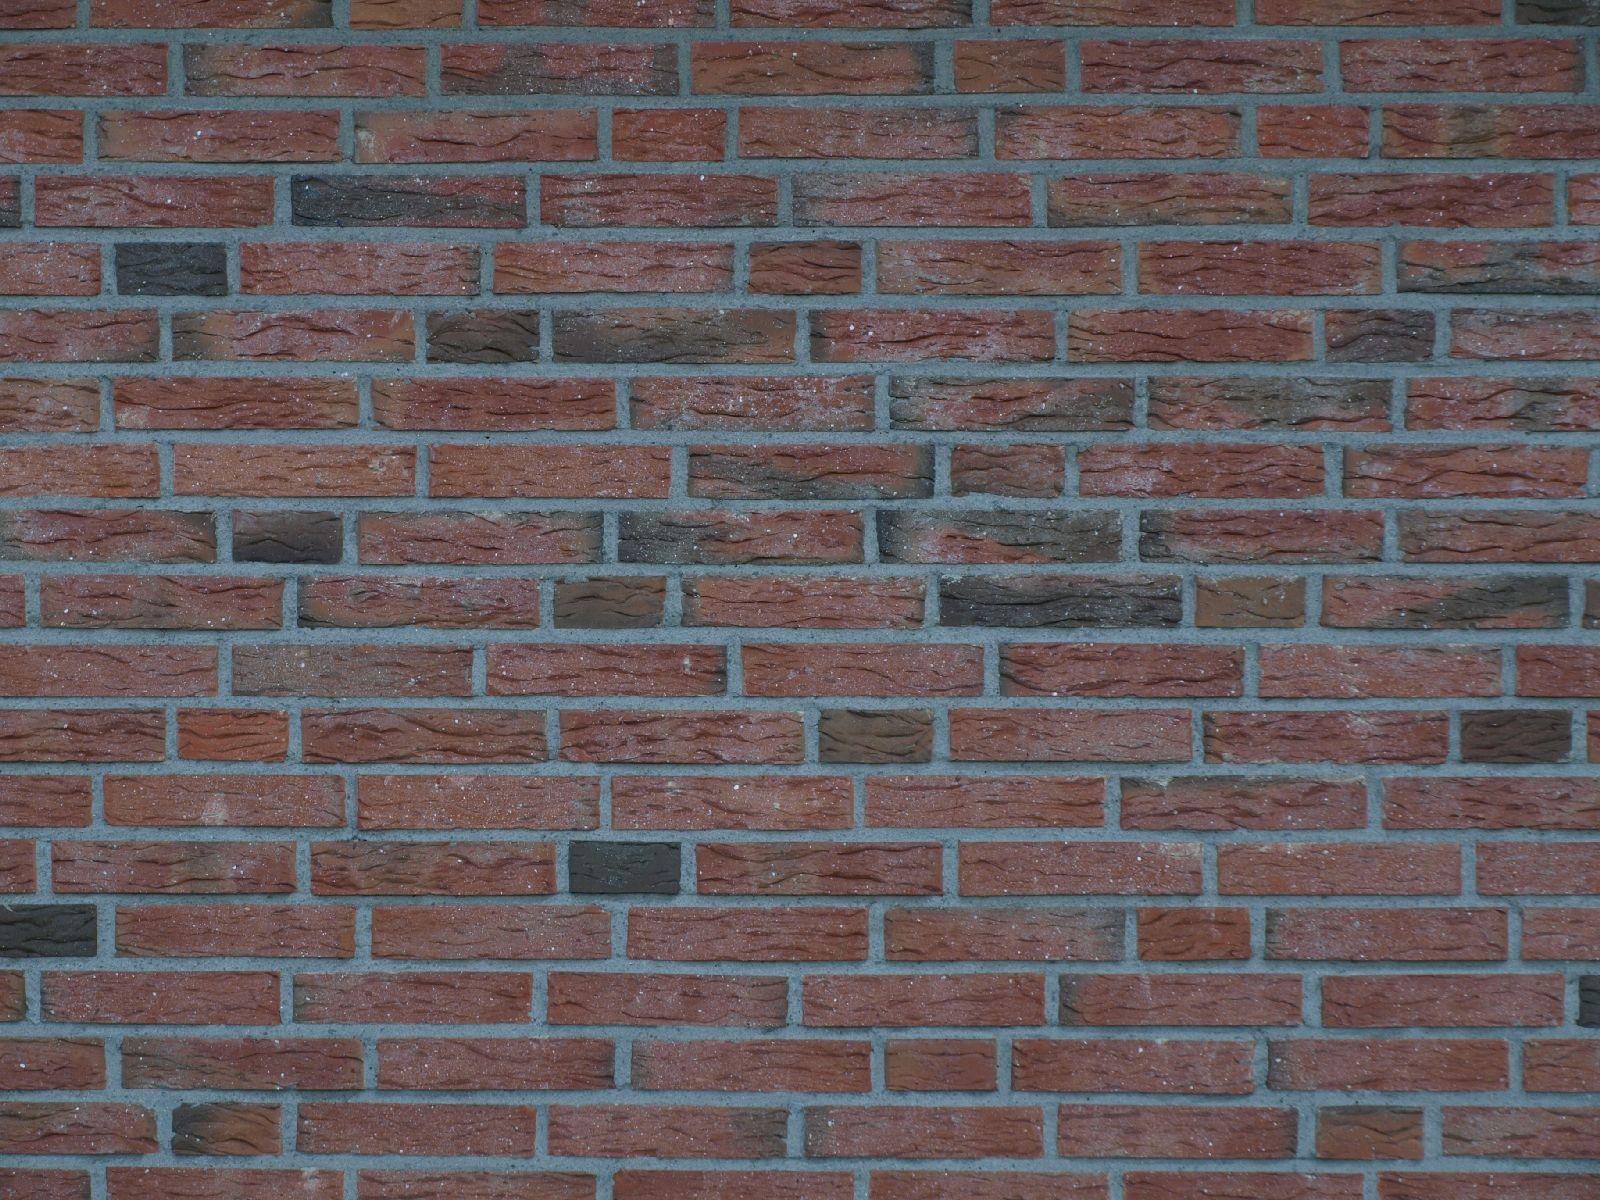 Wand-Mauerwerk-Backstein_Textur_A_PB236798